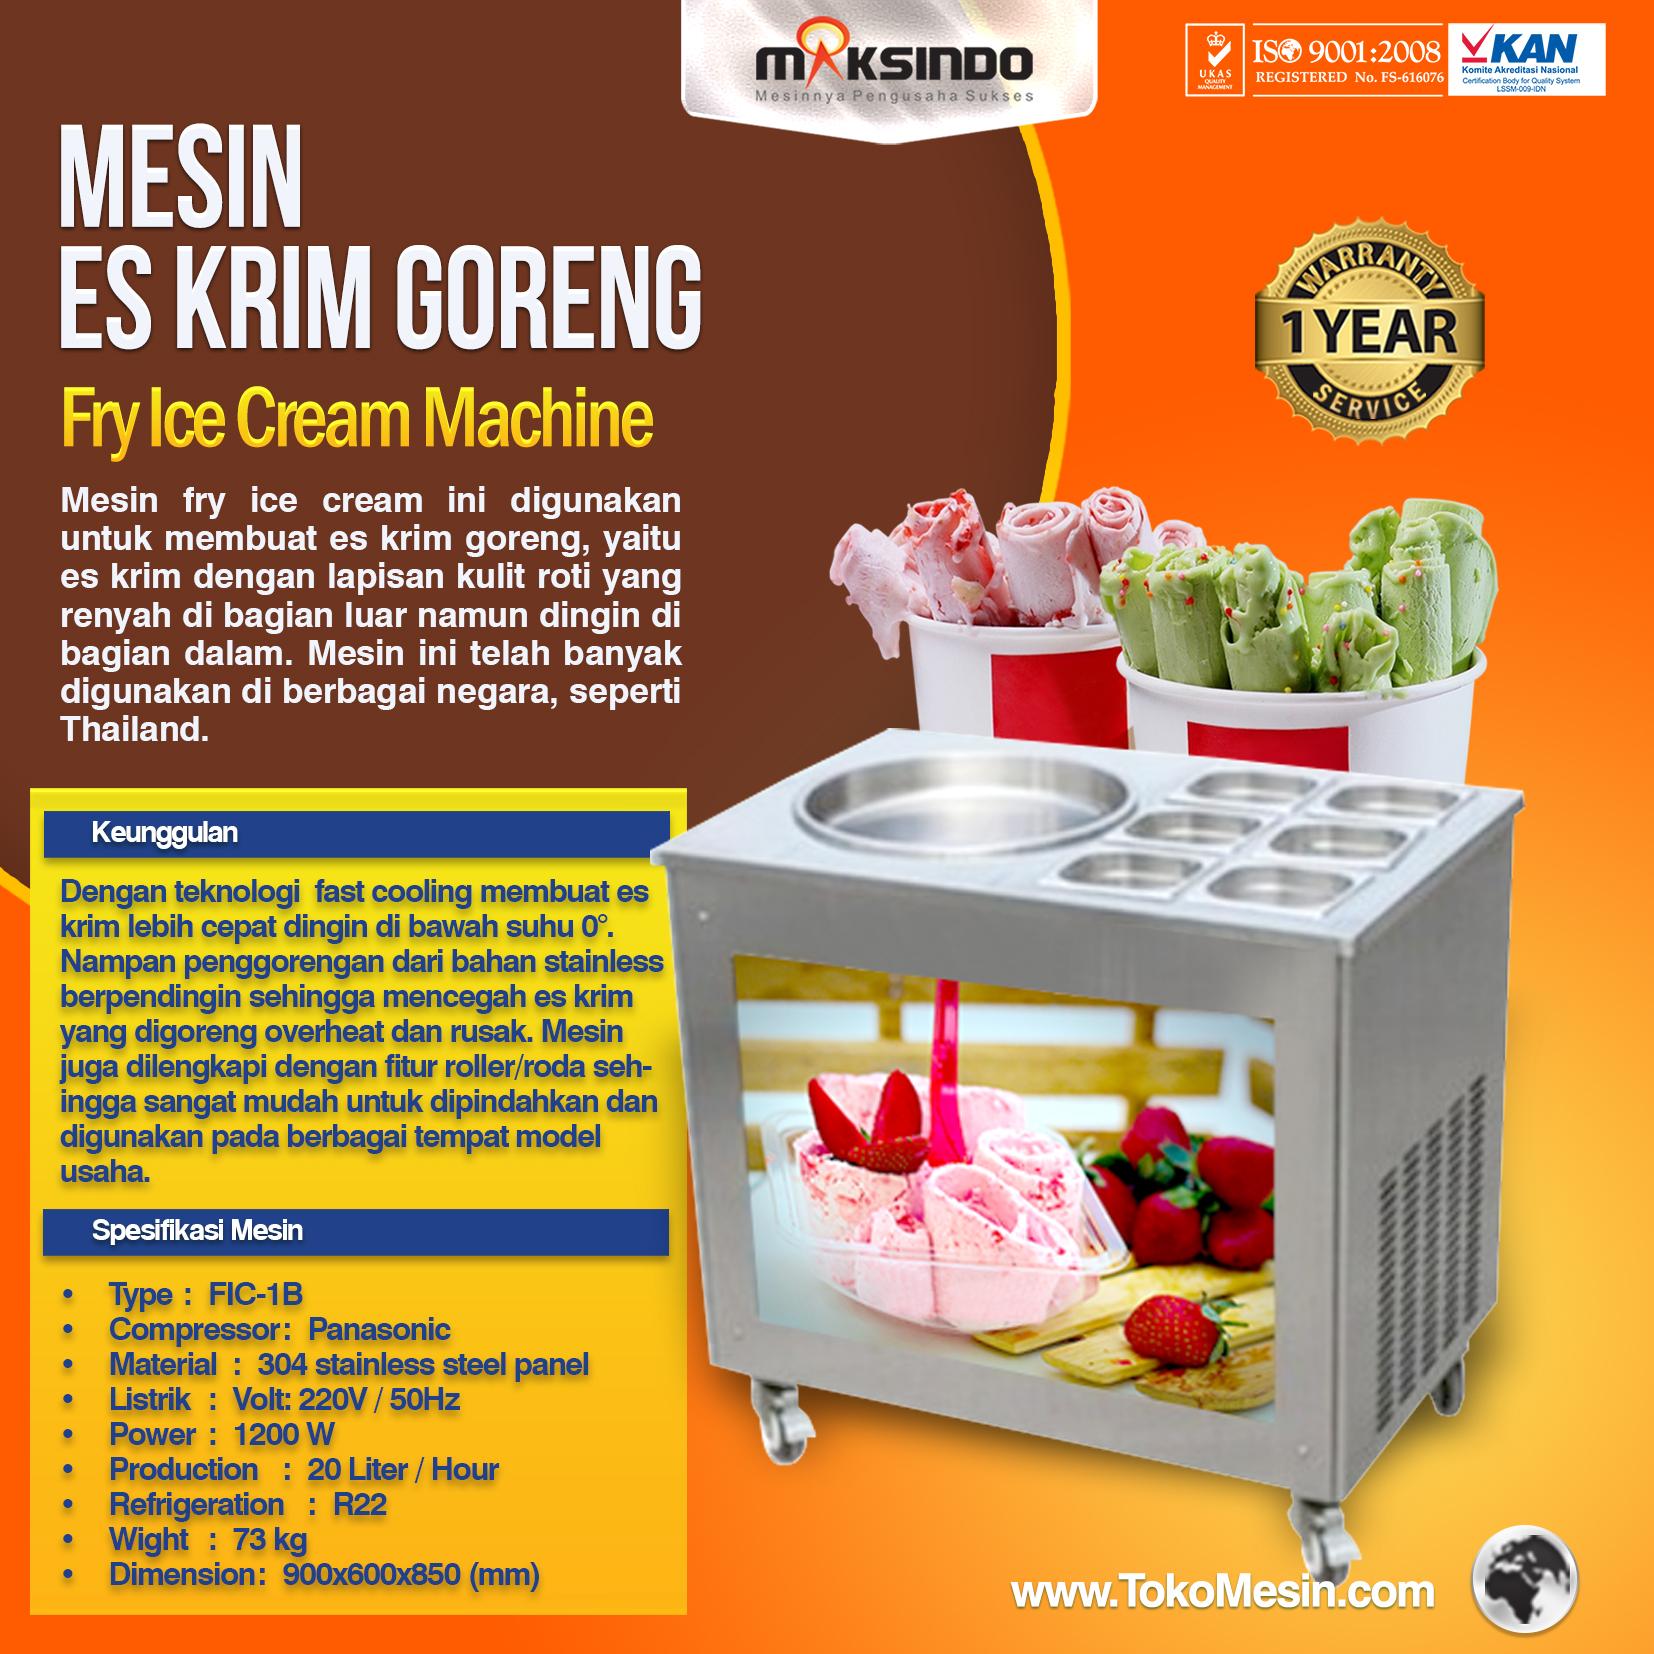 Harga Jual Reice Alat Membuat Es Krim Ampamp Salad Ice Cream Maker Tempat Pensil Motif Line Anti Air Waterproof Pencil Case Ksy053 Mesin Fry Roll Goreng Di Solo